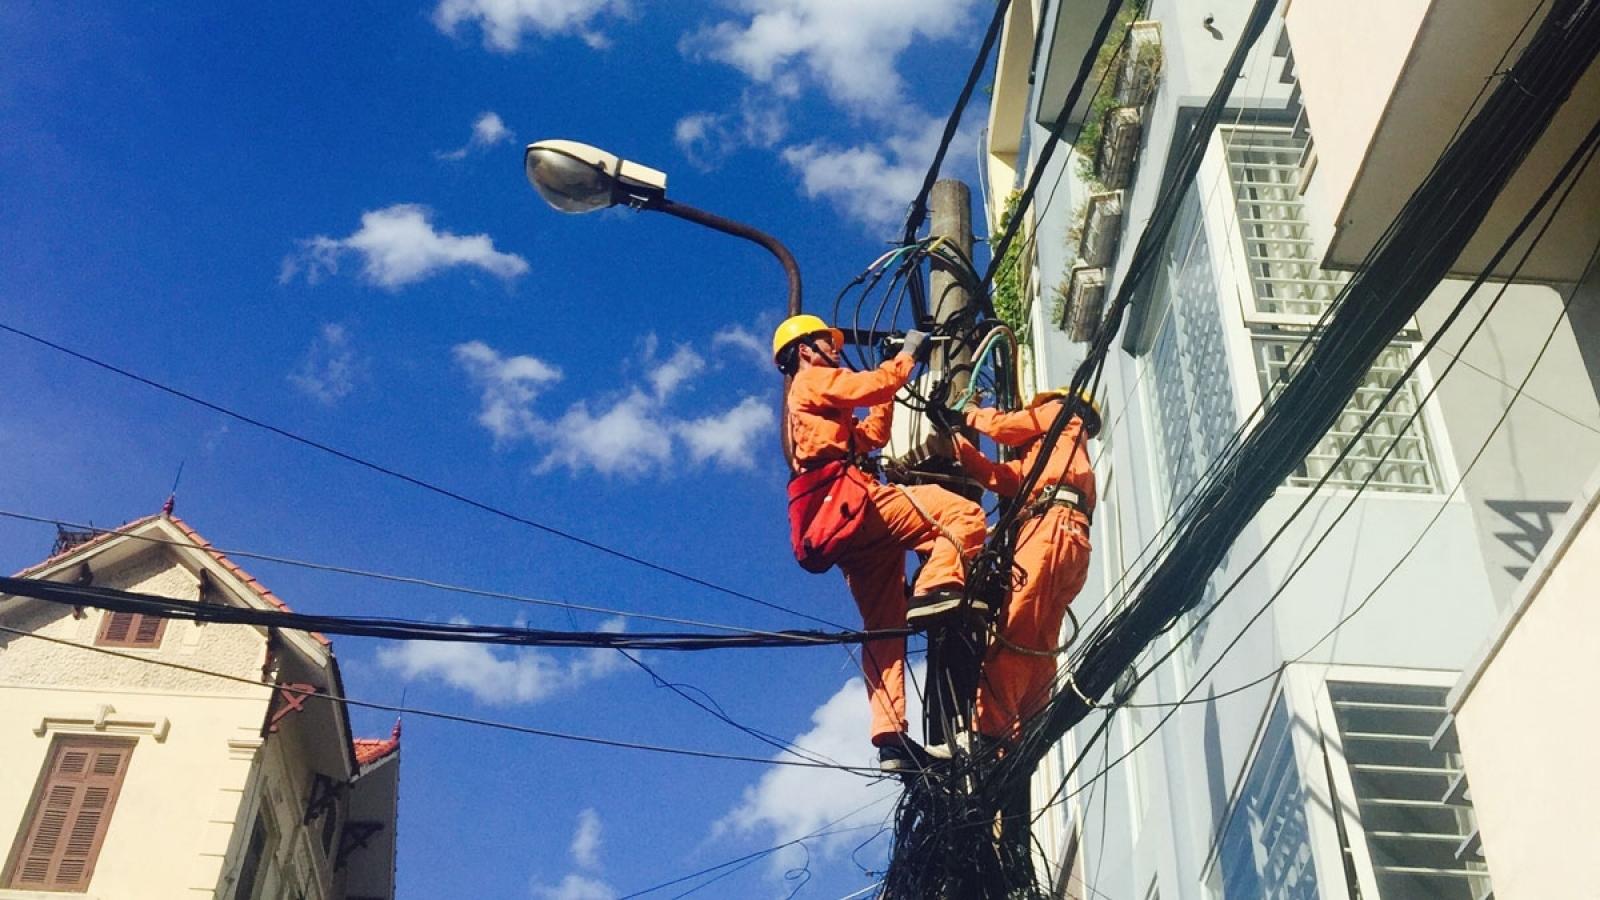 Tiêu thụ điện khu vực miền Nam giảm mạnh trong những ngày đầu thực hiện Chỉ thị 16